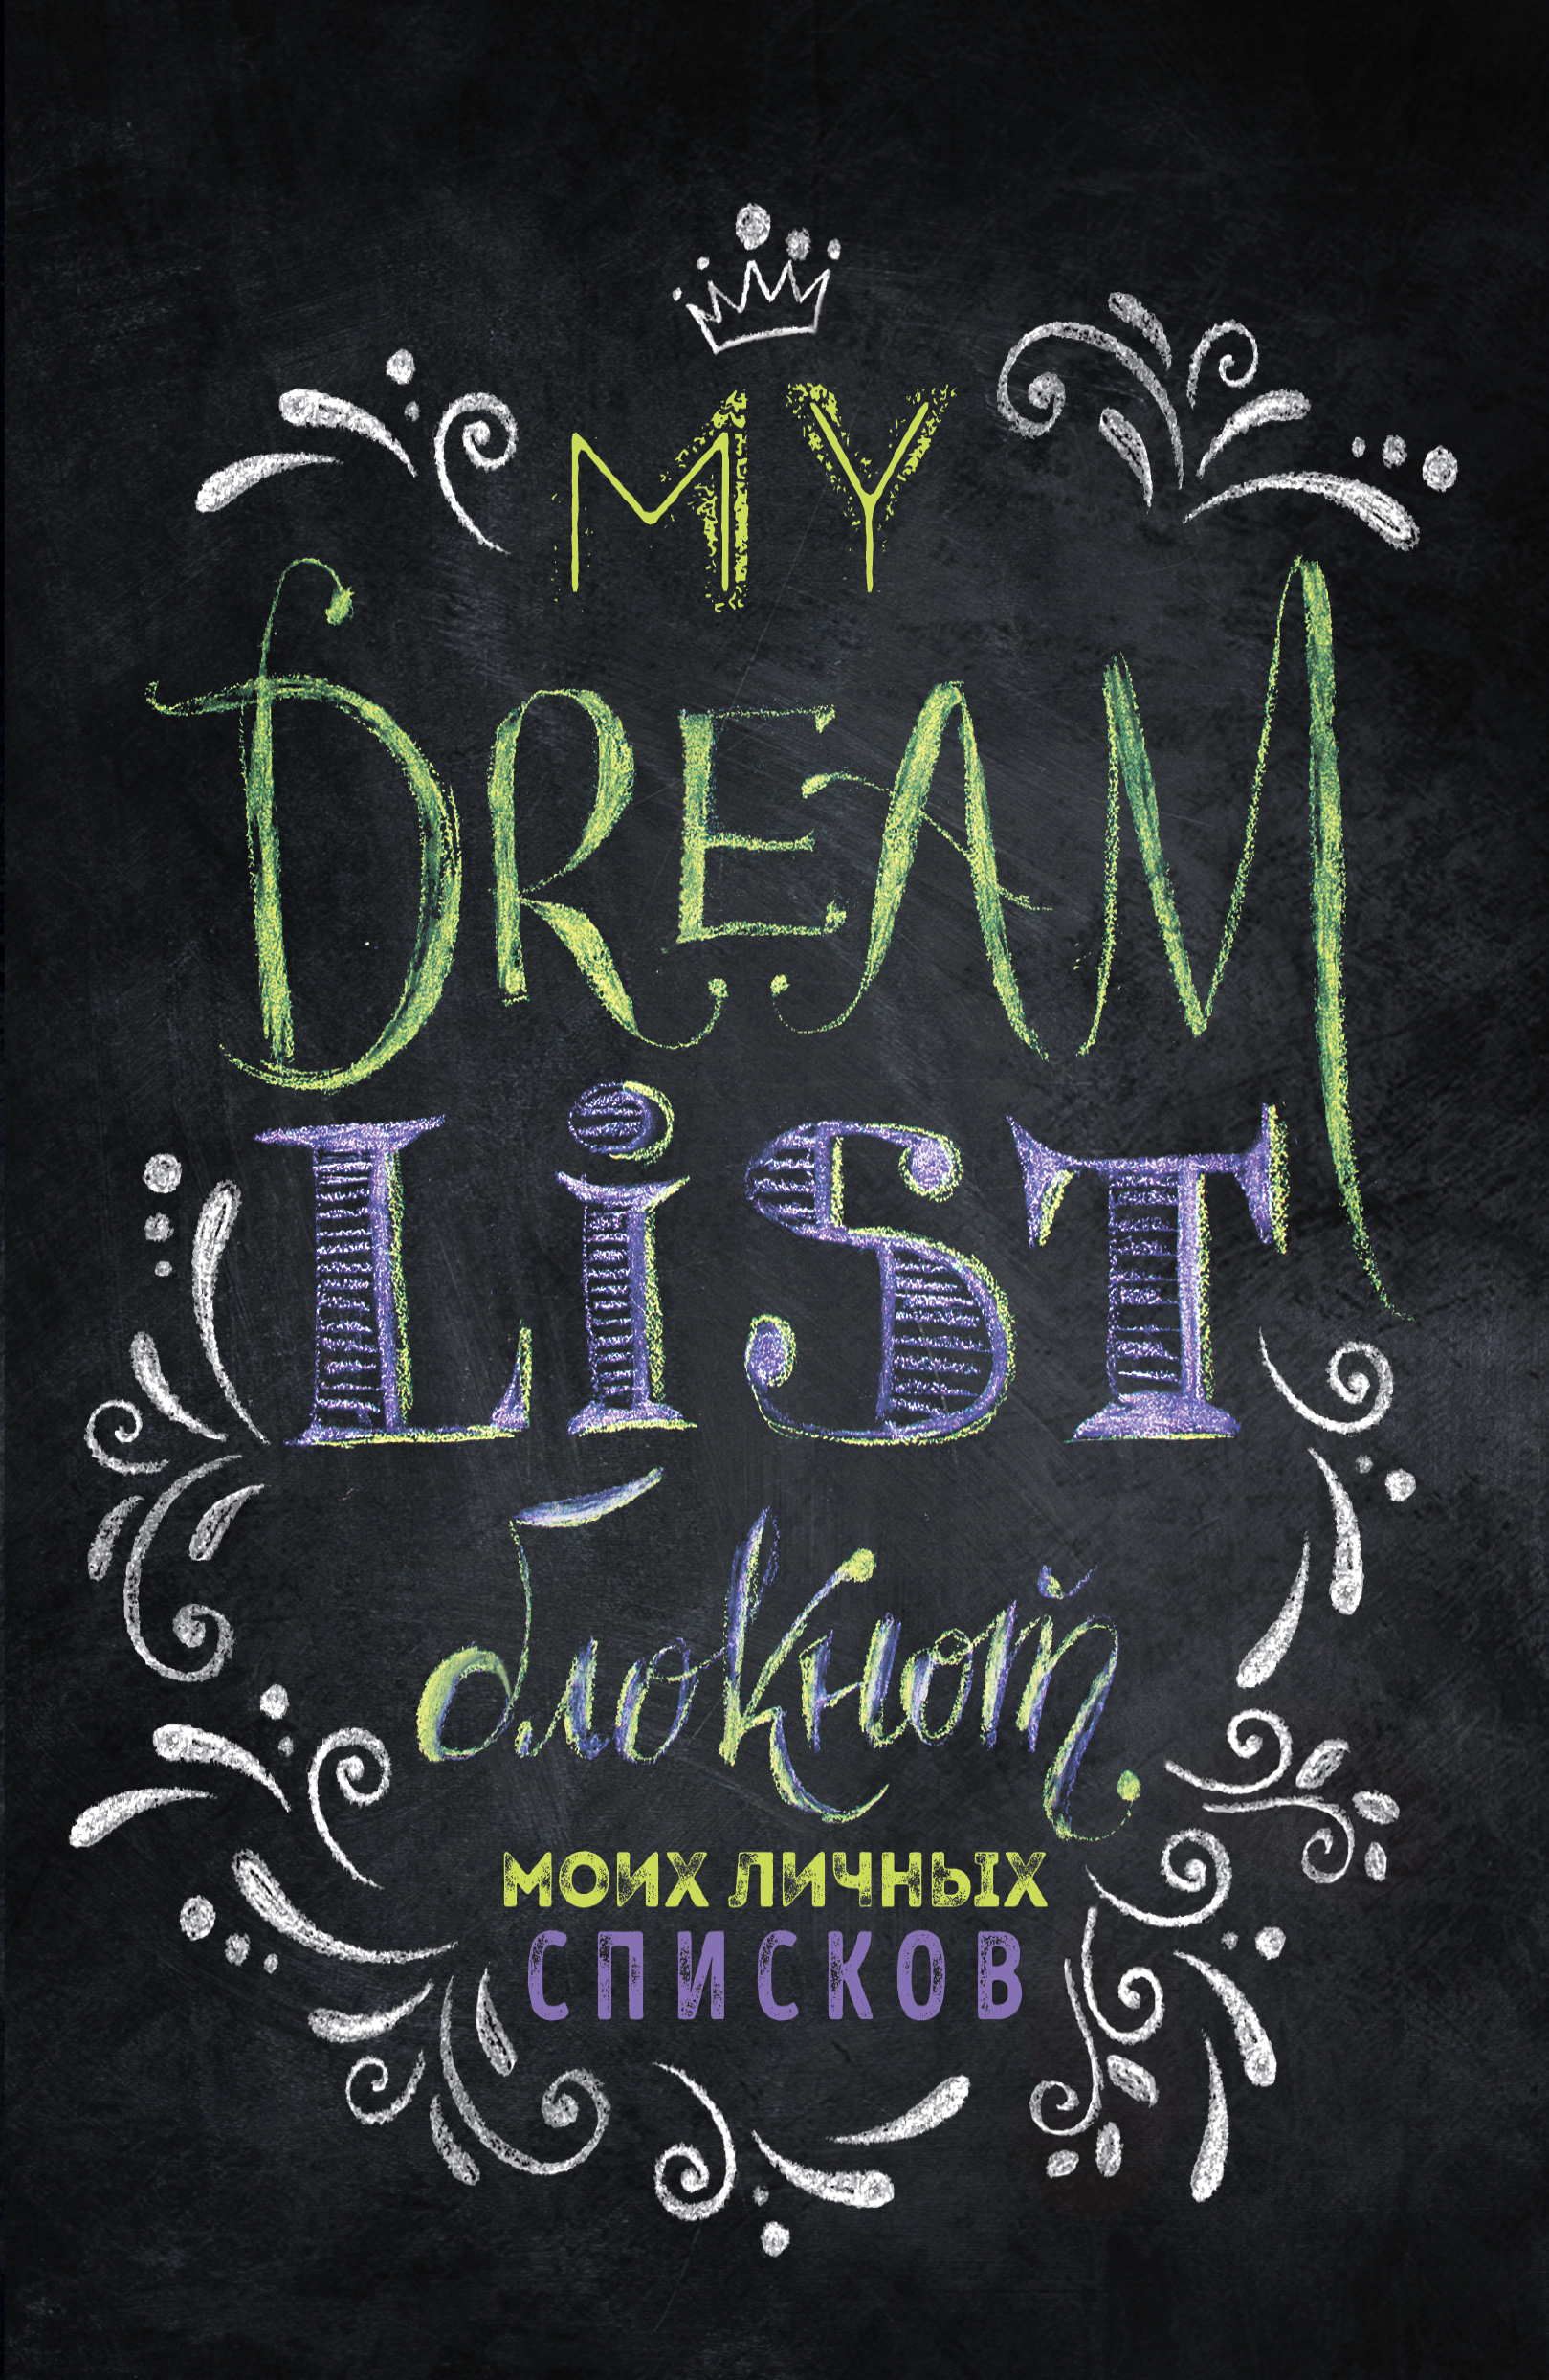 My dream list. Блокнот моих личных списков